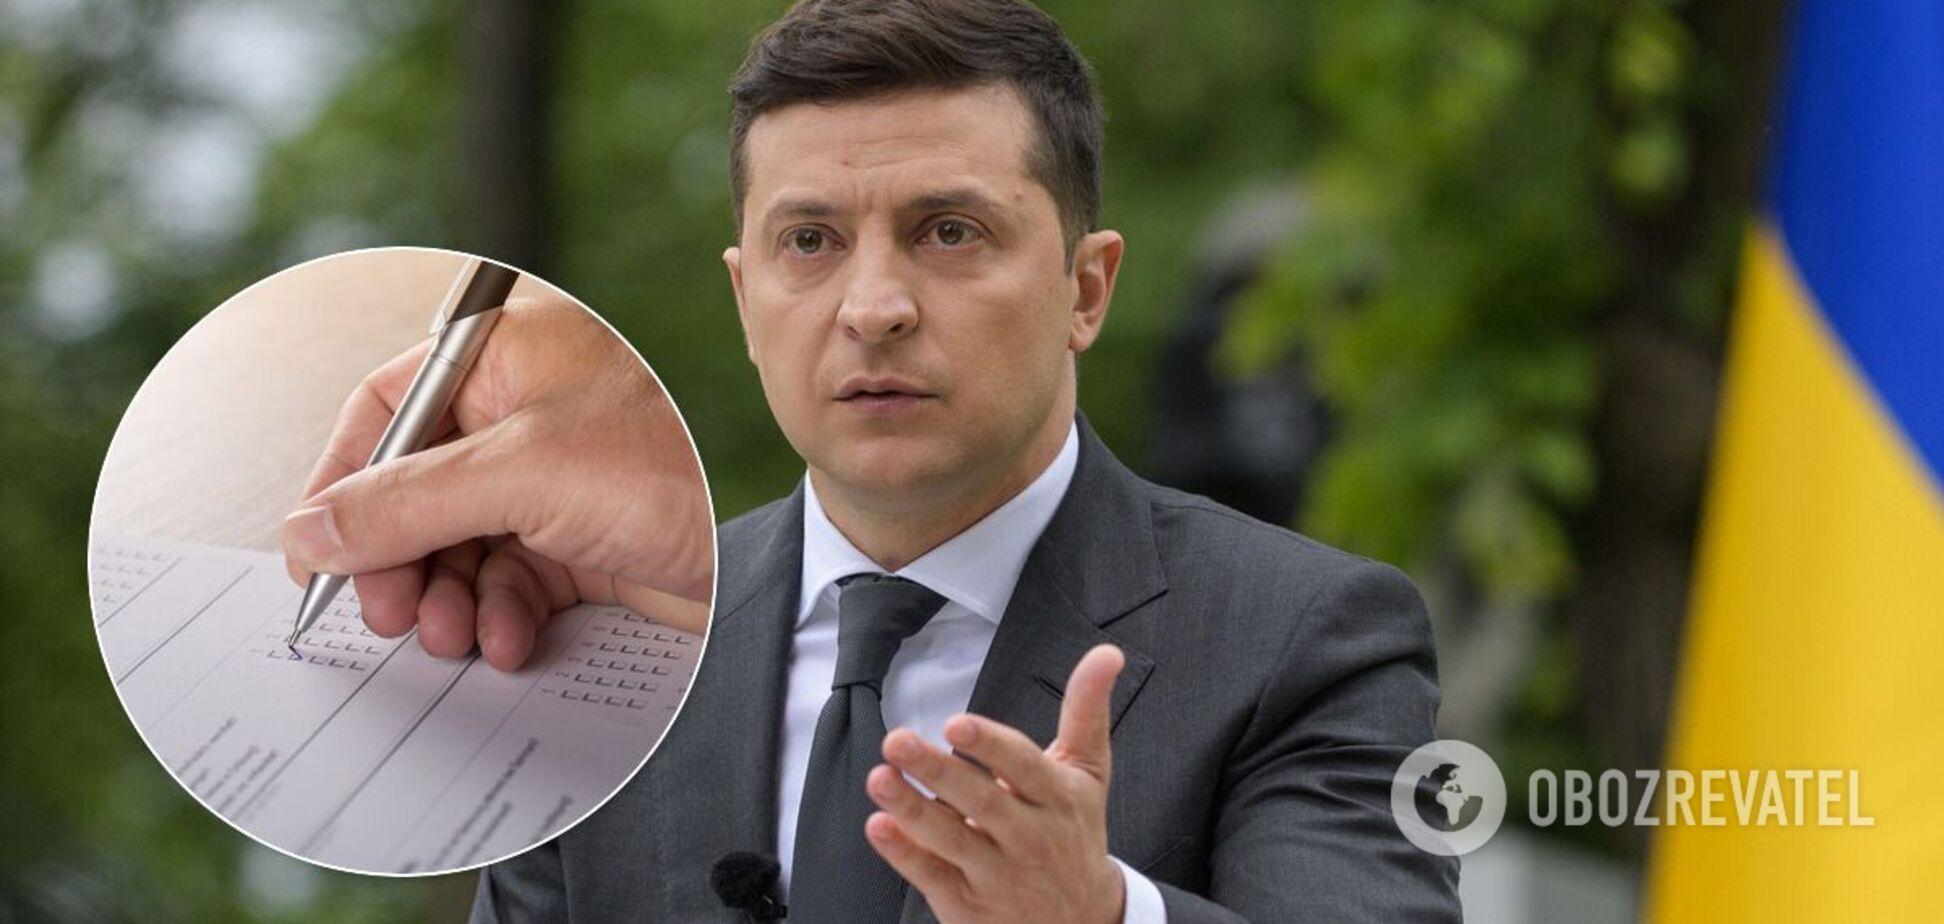 Зеленский может заплатить за опрос в день выборов из своего кармана